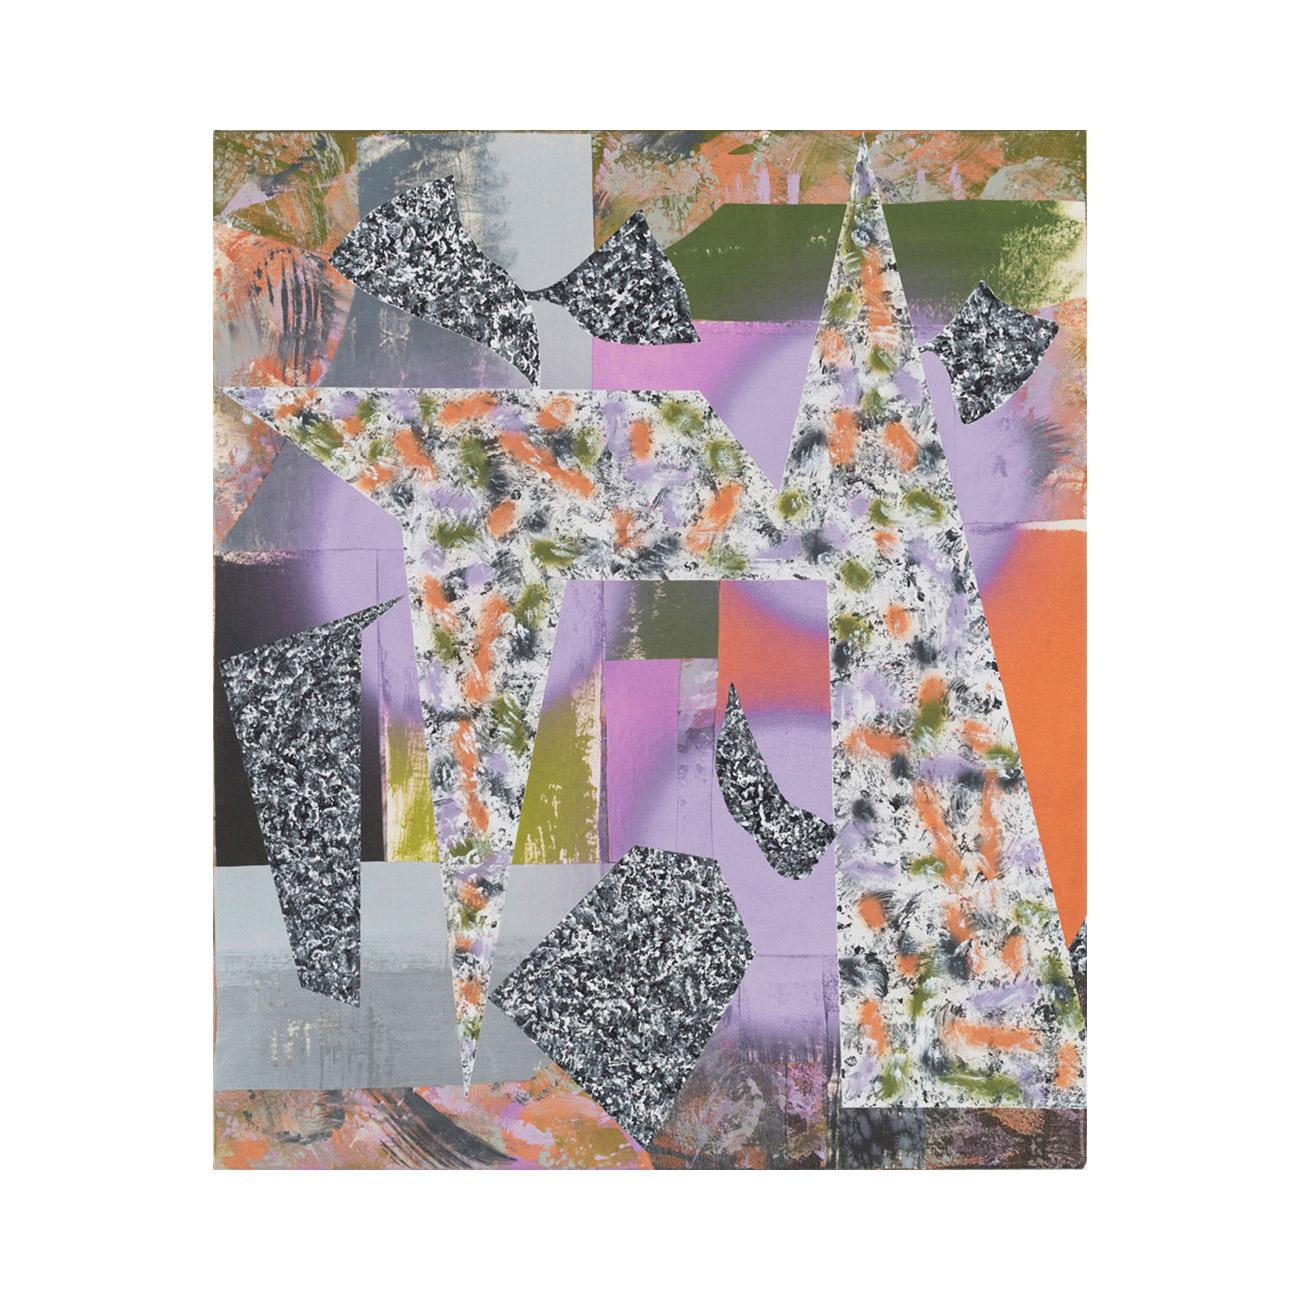 Zackenbild natur . 2015 . 125 x 105 cm . Stoffe und Acrylfarbe auf Baumwolle